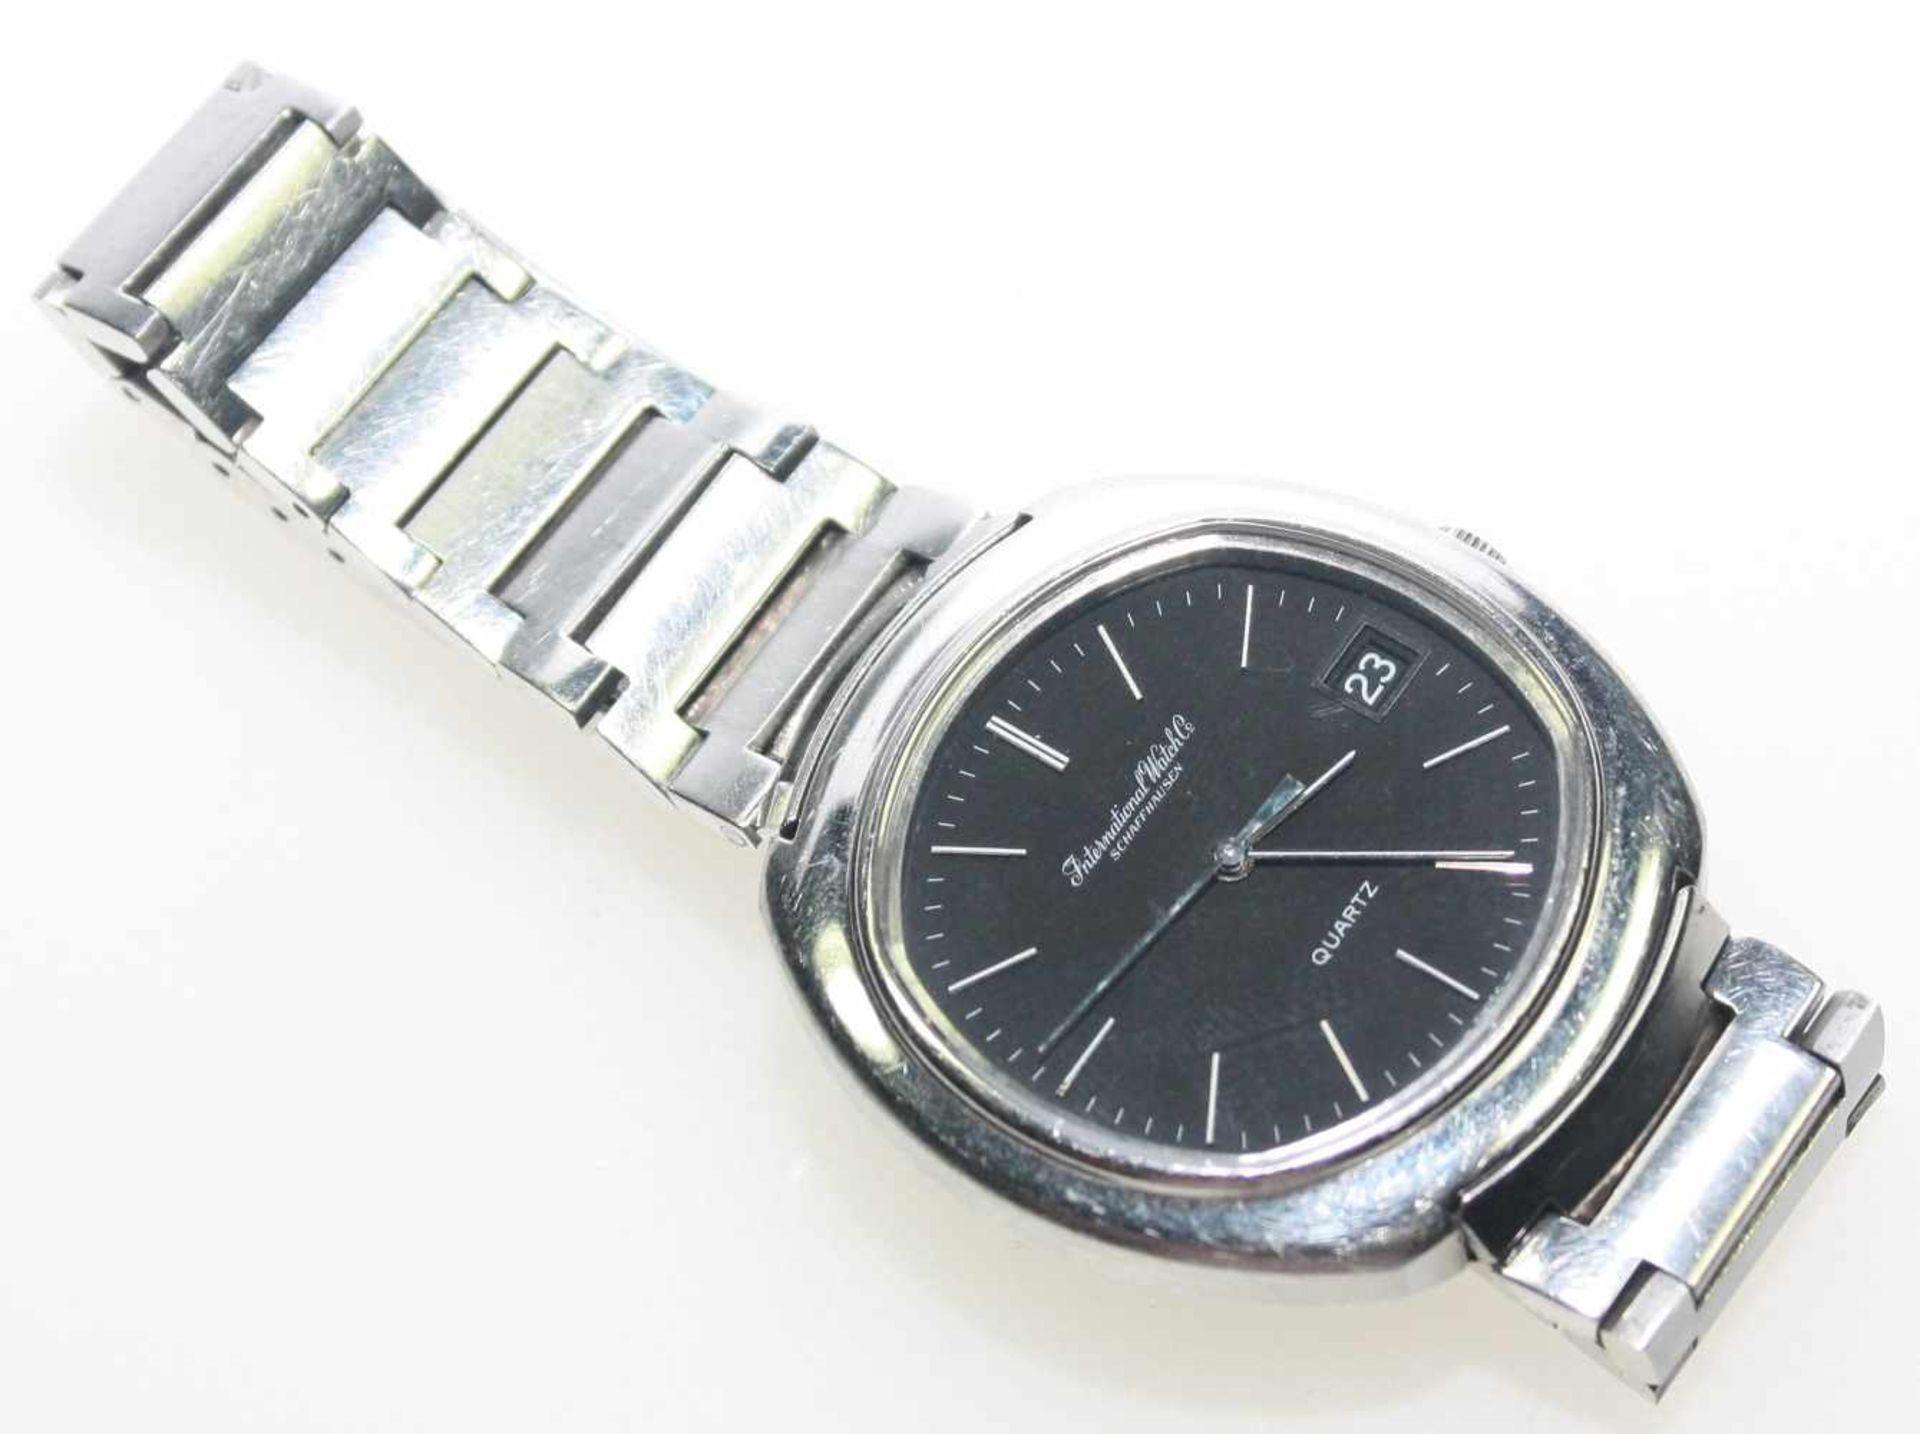 """Los 14 - Herren-Armbanduhr Stahl, dunkles Zifferblatt bezeichnet """"International Watch Co."""", Schaffhausen,"""